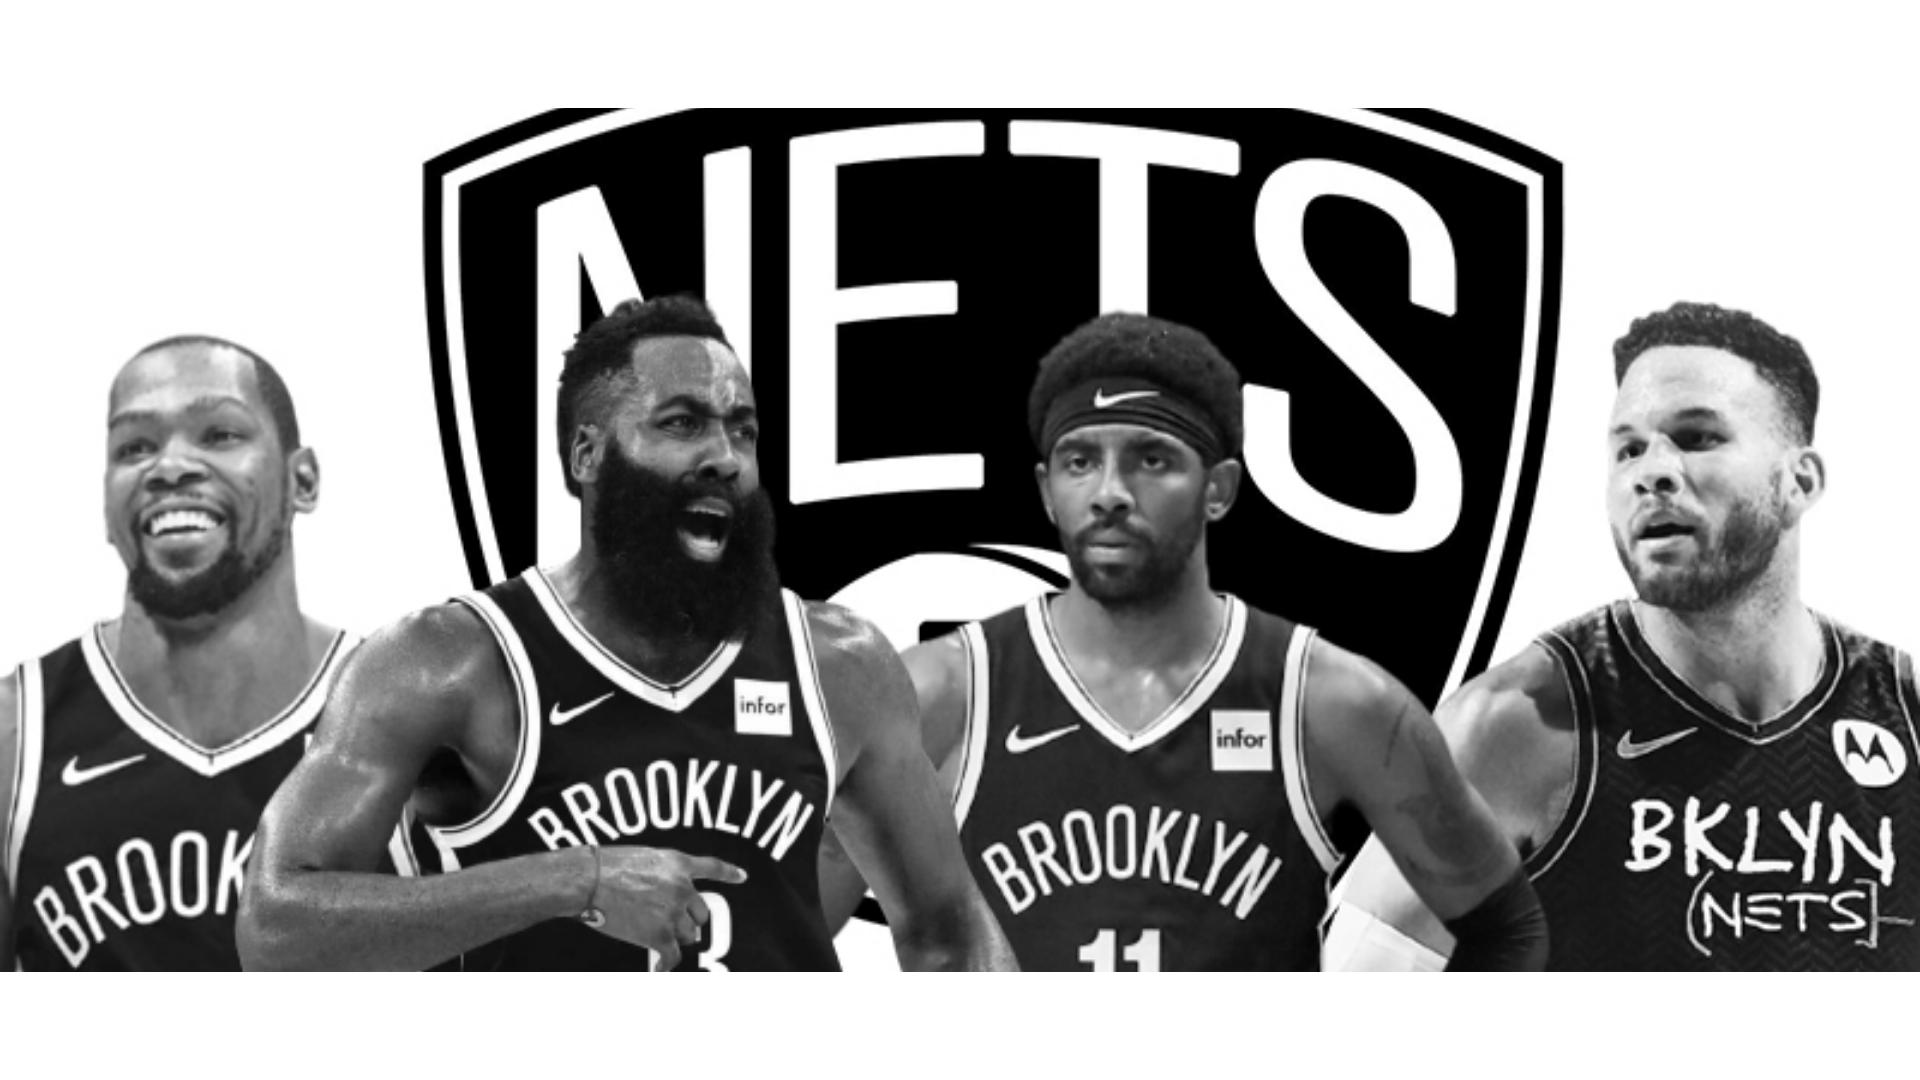 Nets takımının önemli oyuncularının görseli.